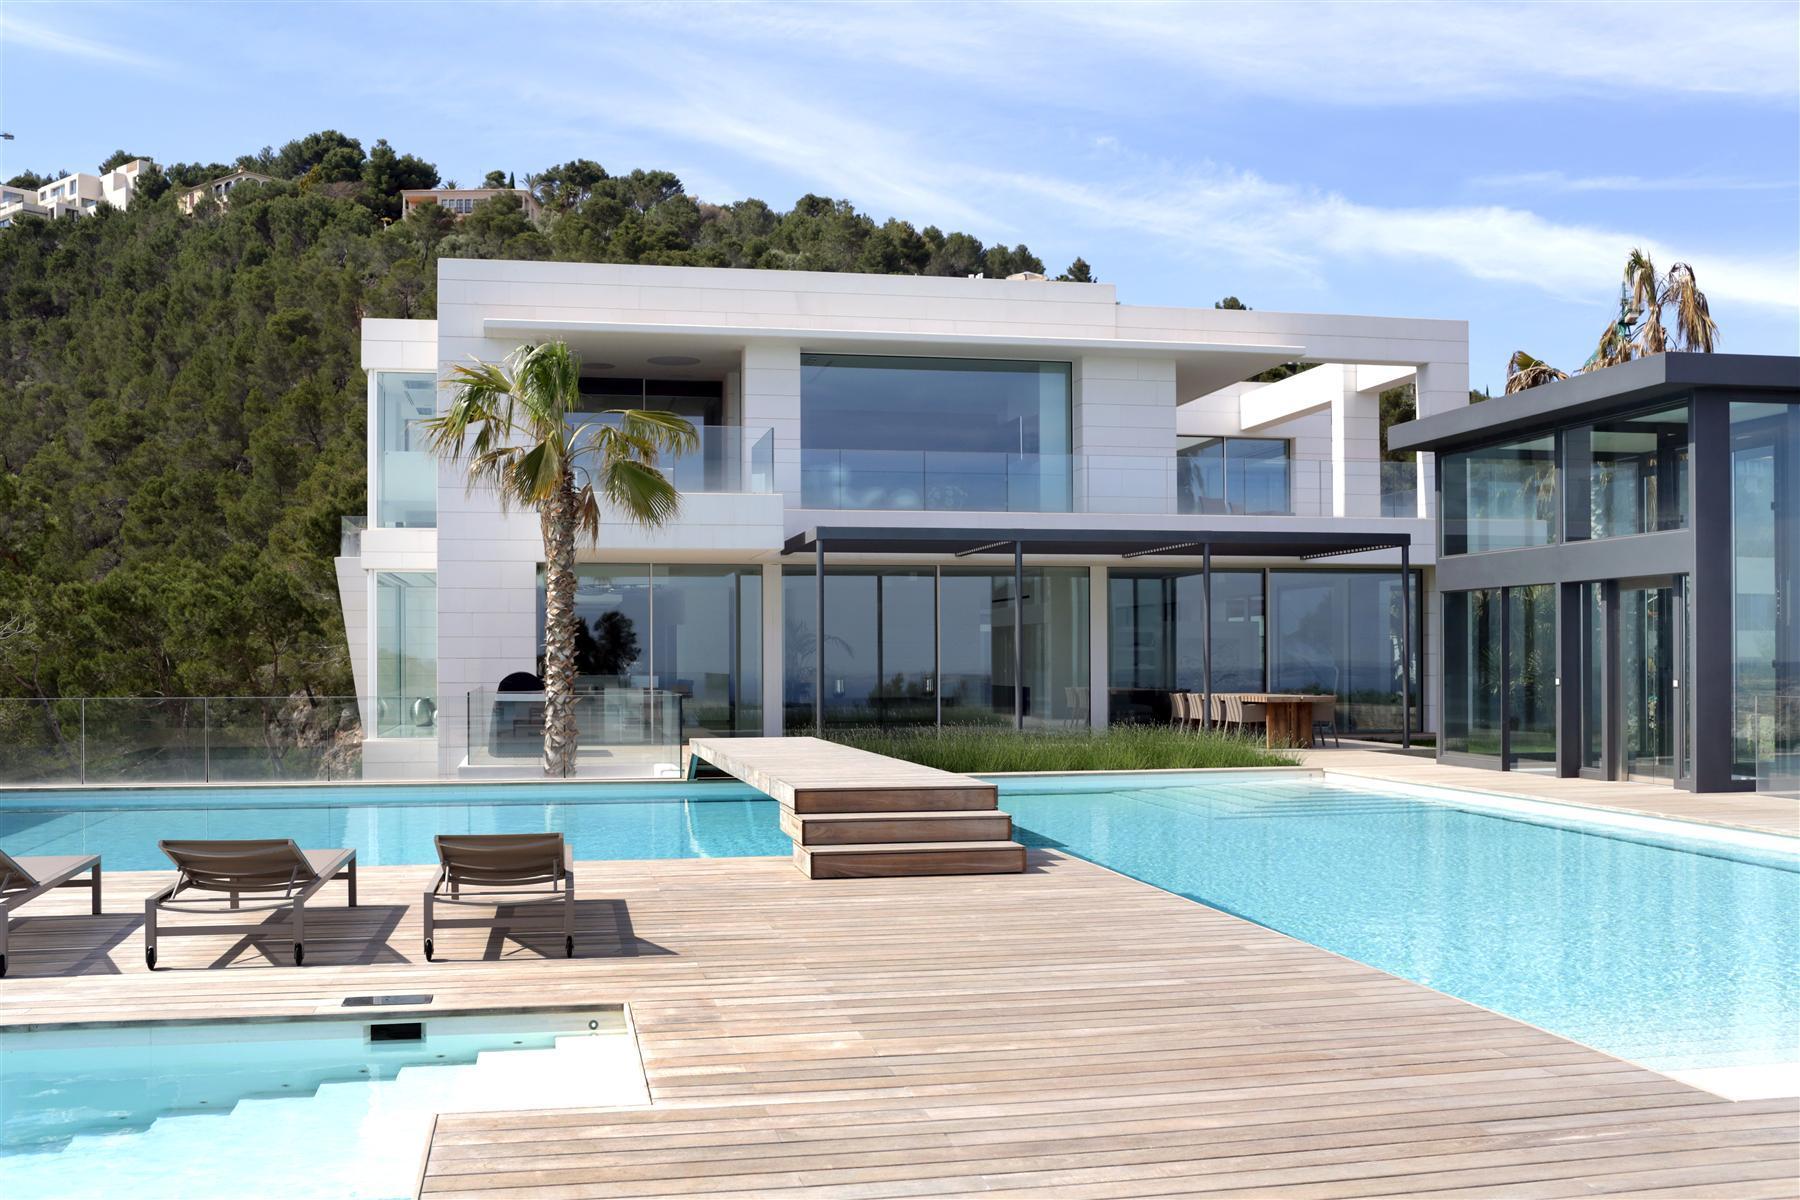 Apm Mallorca the unique chameleon mansion in vida mallorca mr goodlife